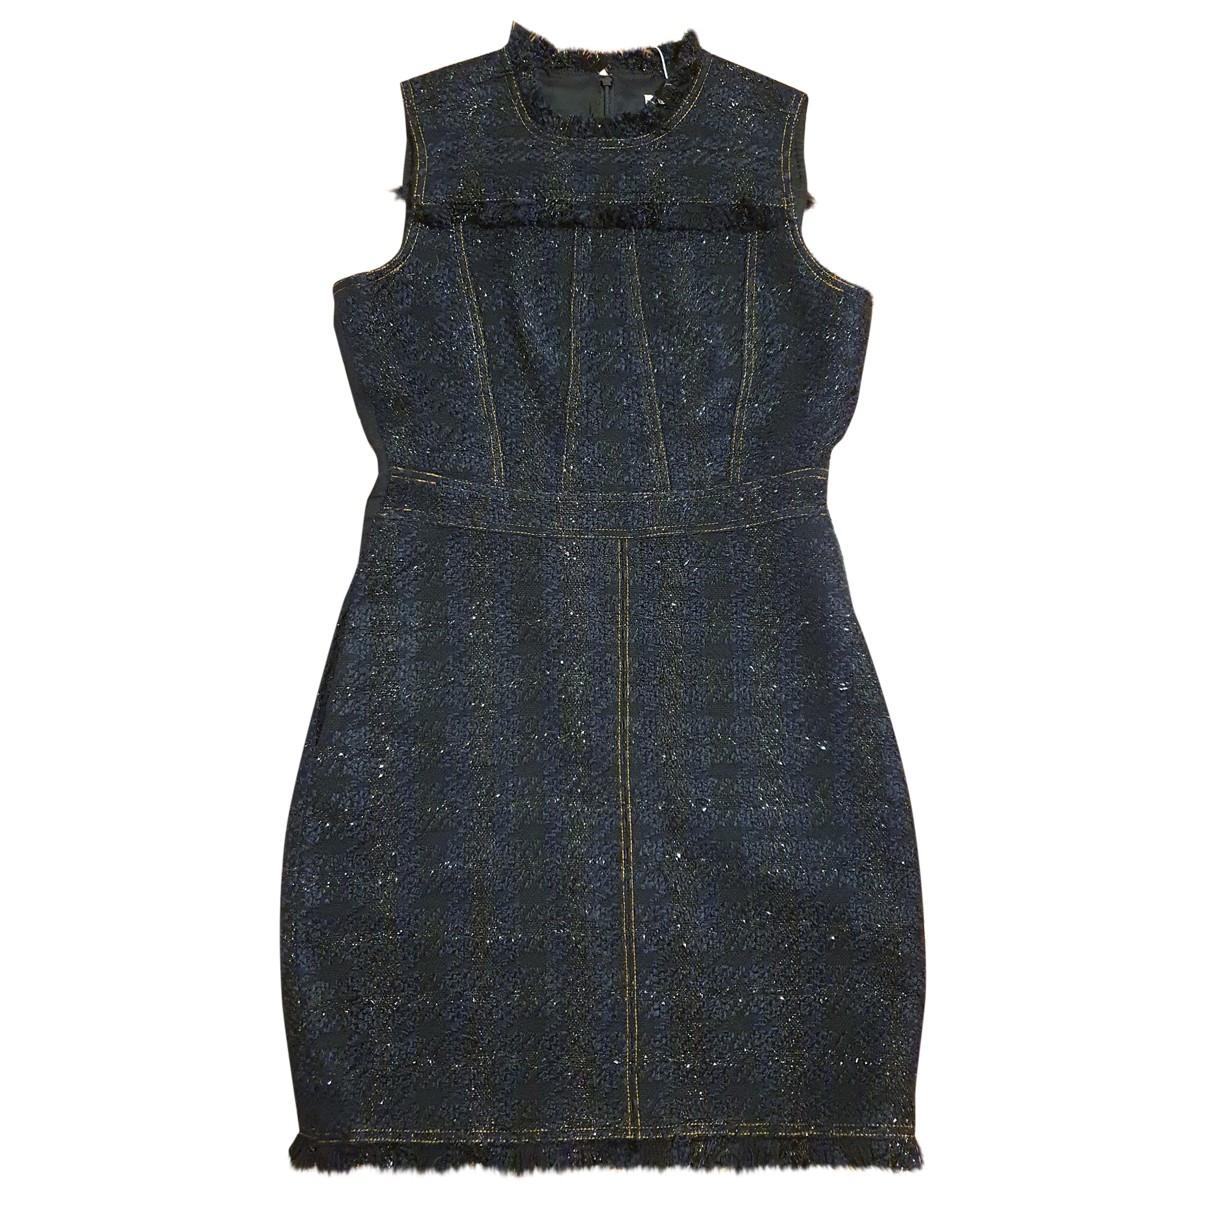 Tory Burch \N Kleid in  Schwarz Tweed